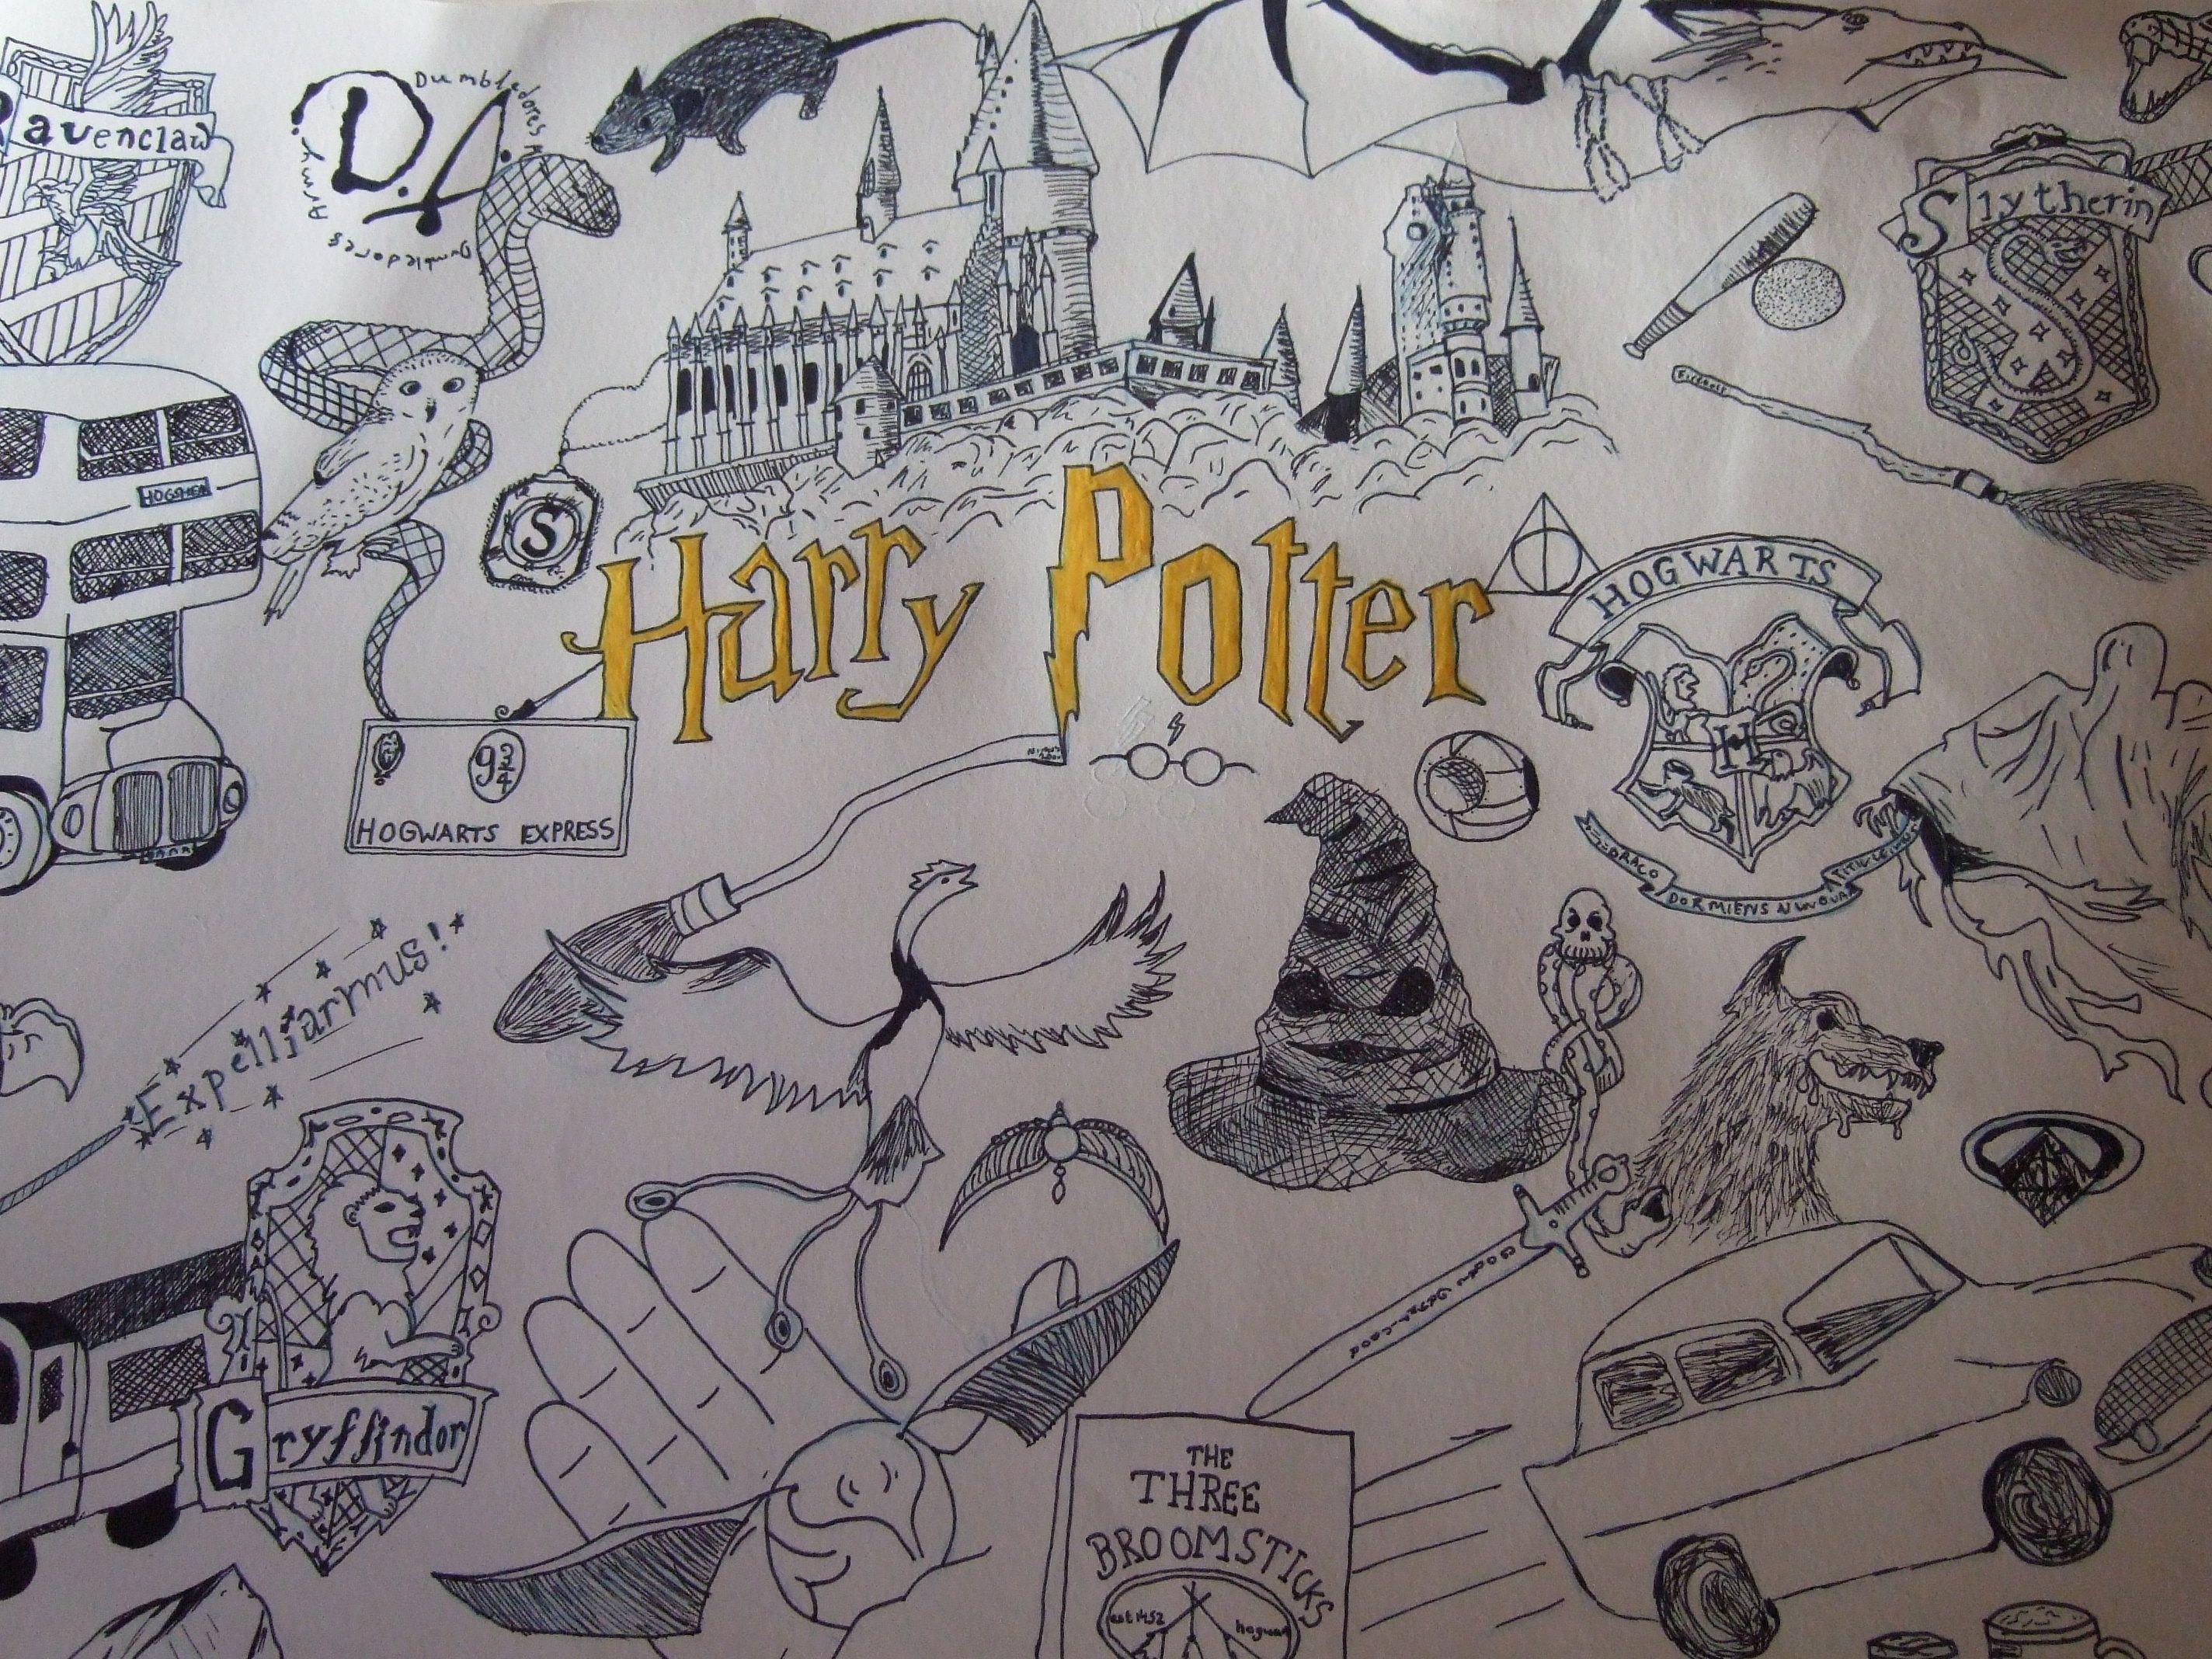 Hogwarts Wappen Zum Ausmalen Frisch Harry Potter Ausmalbilder Awesome 40 Harry Potter Ausmalbilder Galerie